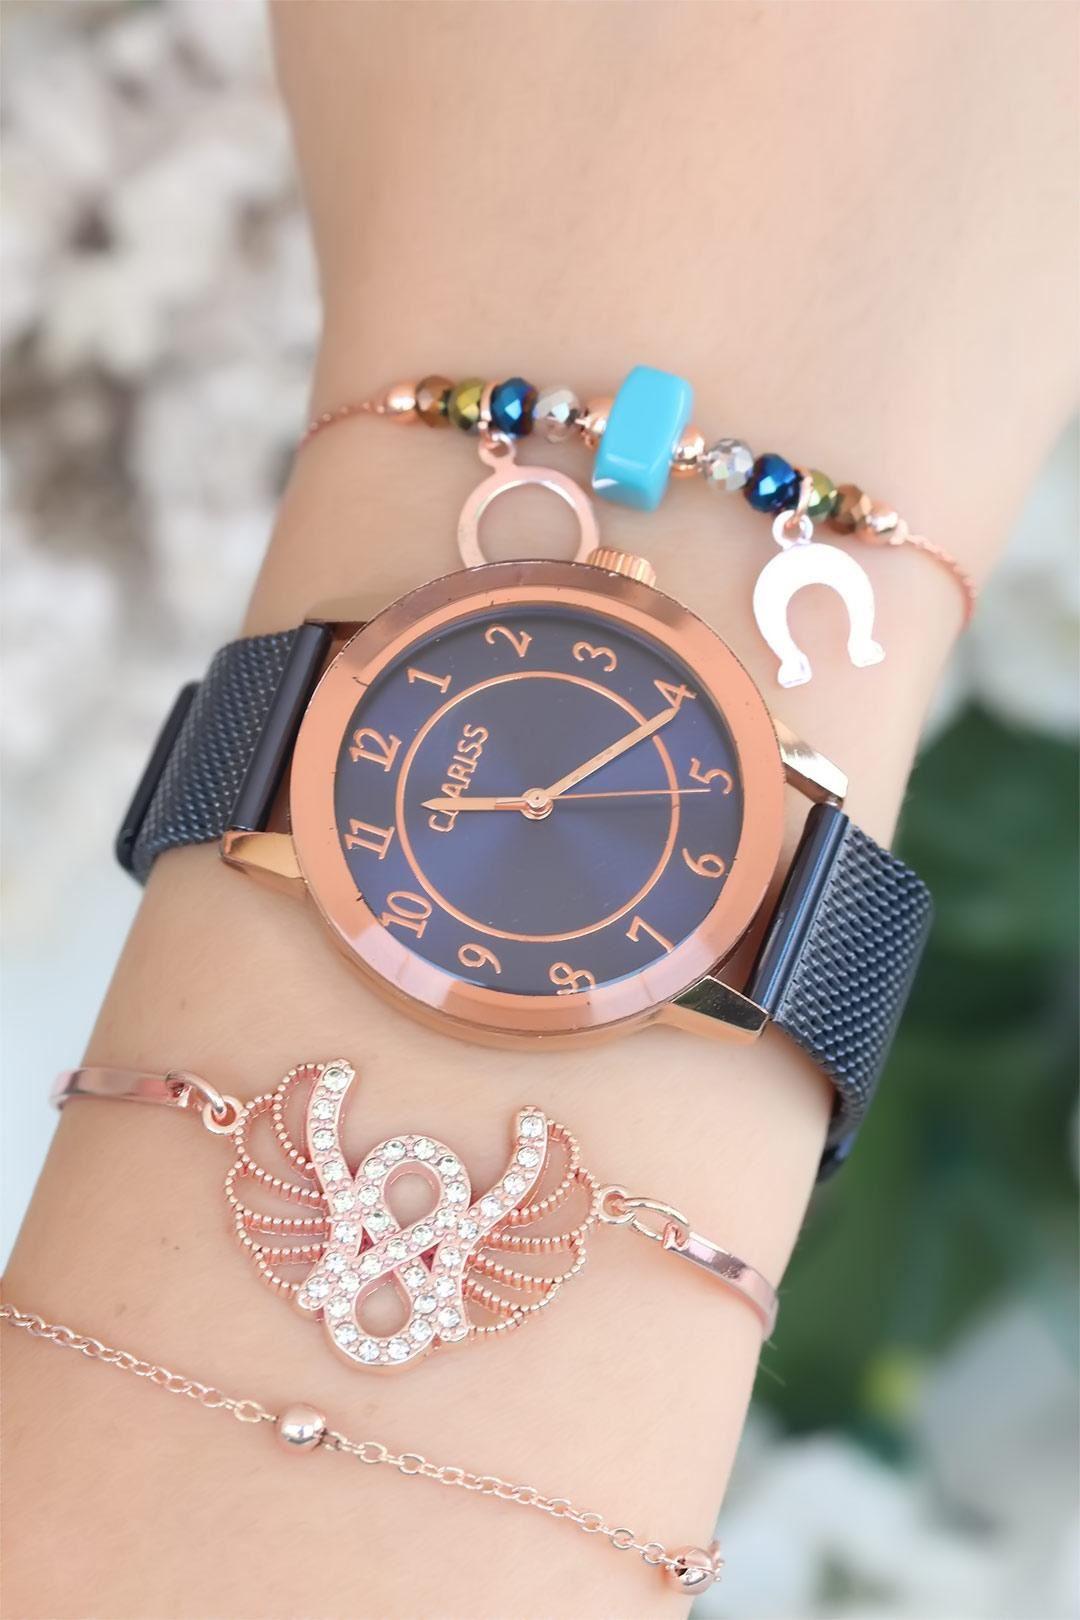 Lacivert Renk Hasır Metal Kordonlu Bayan Saat Kombini